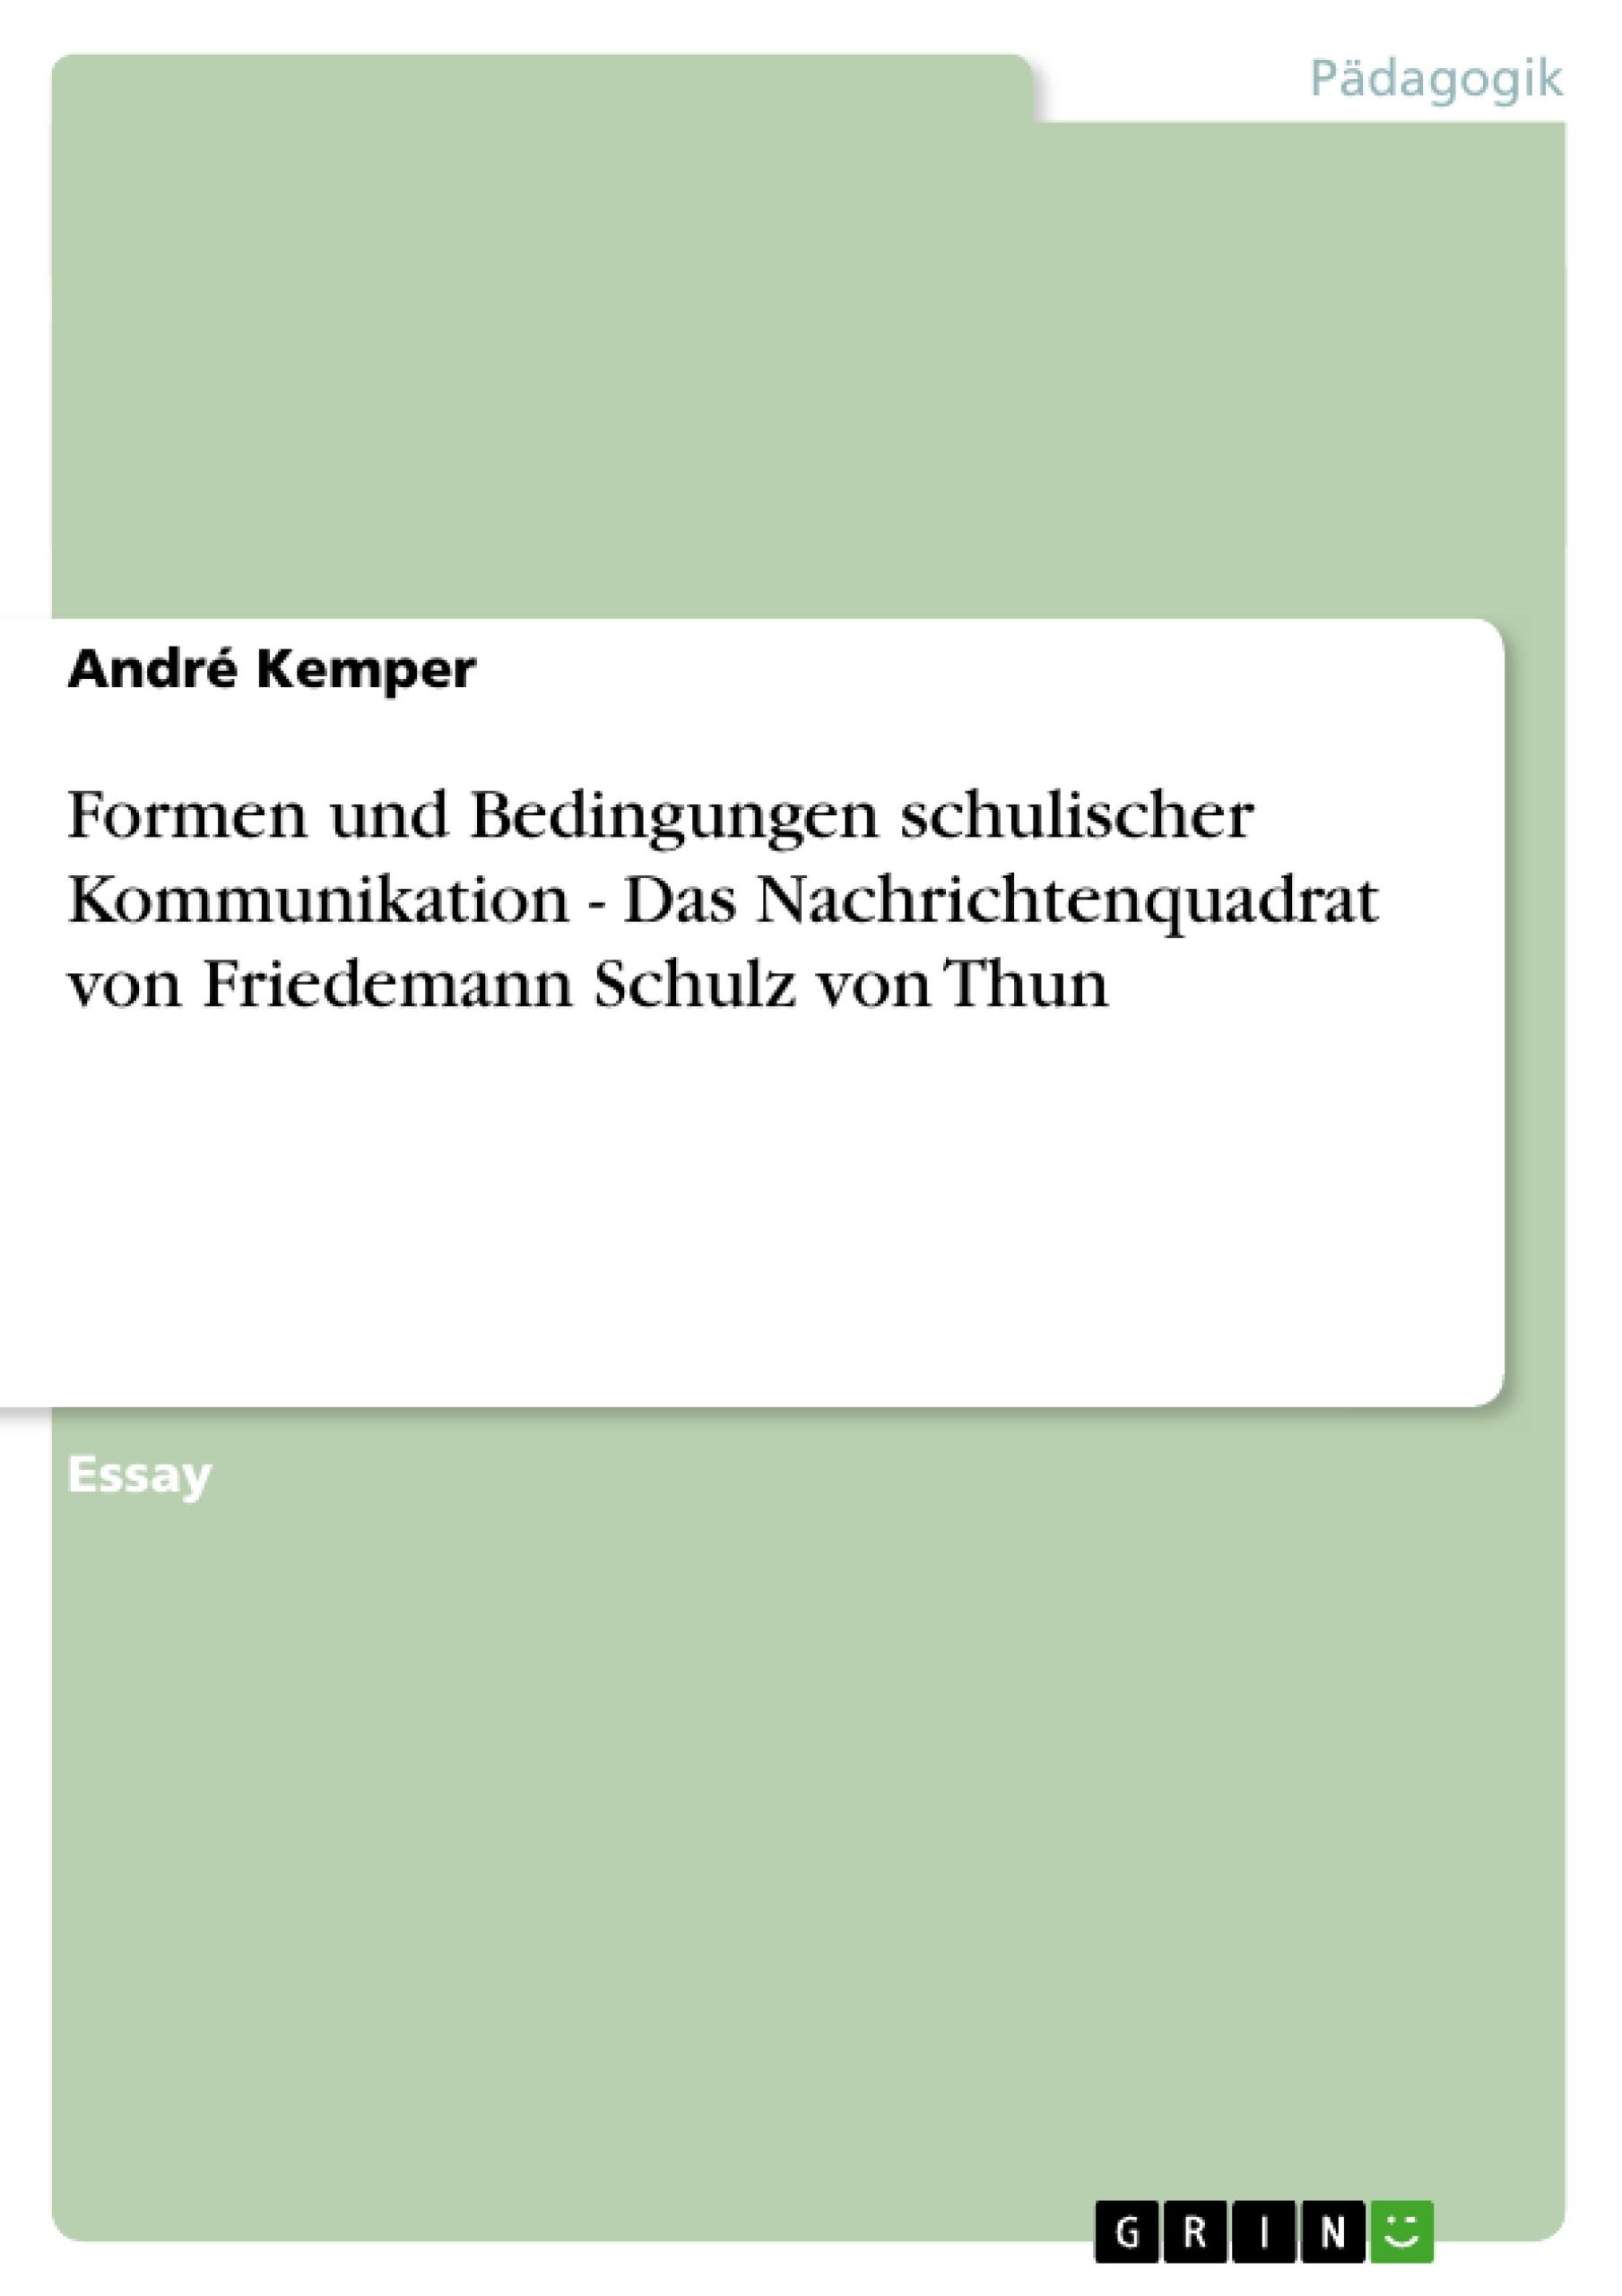 Titel: Formen und Bedingungen schulischer Kommunikation - Das Nachrichtenquadrat von Friedemann Schulz von Thun